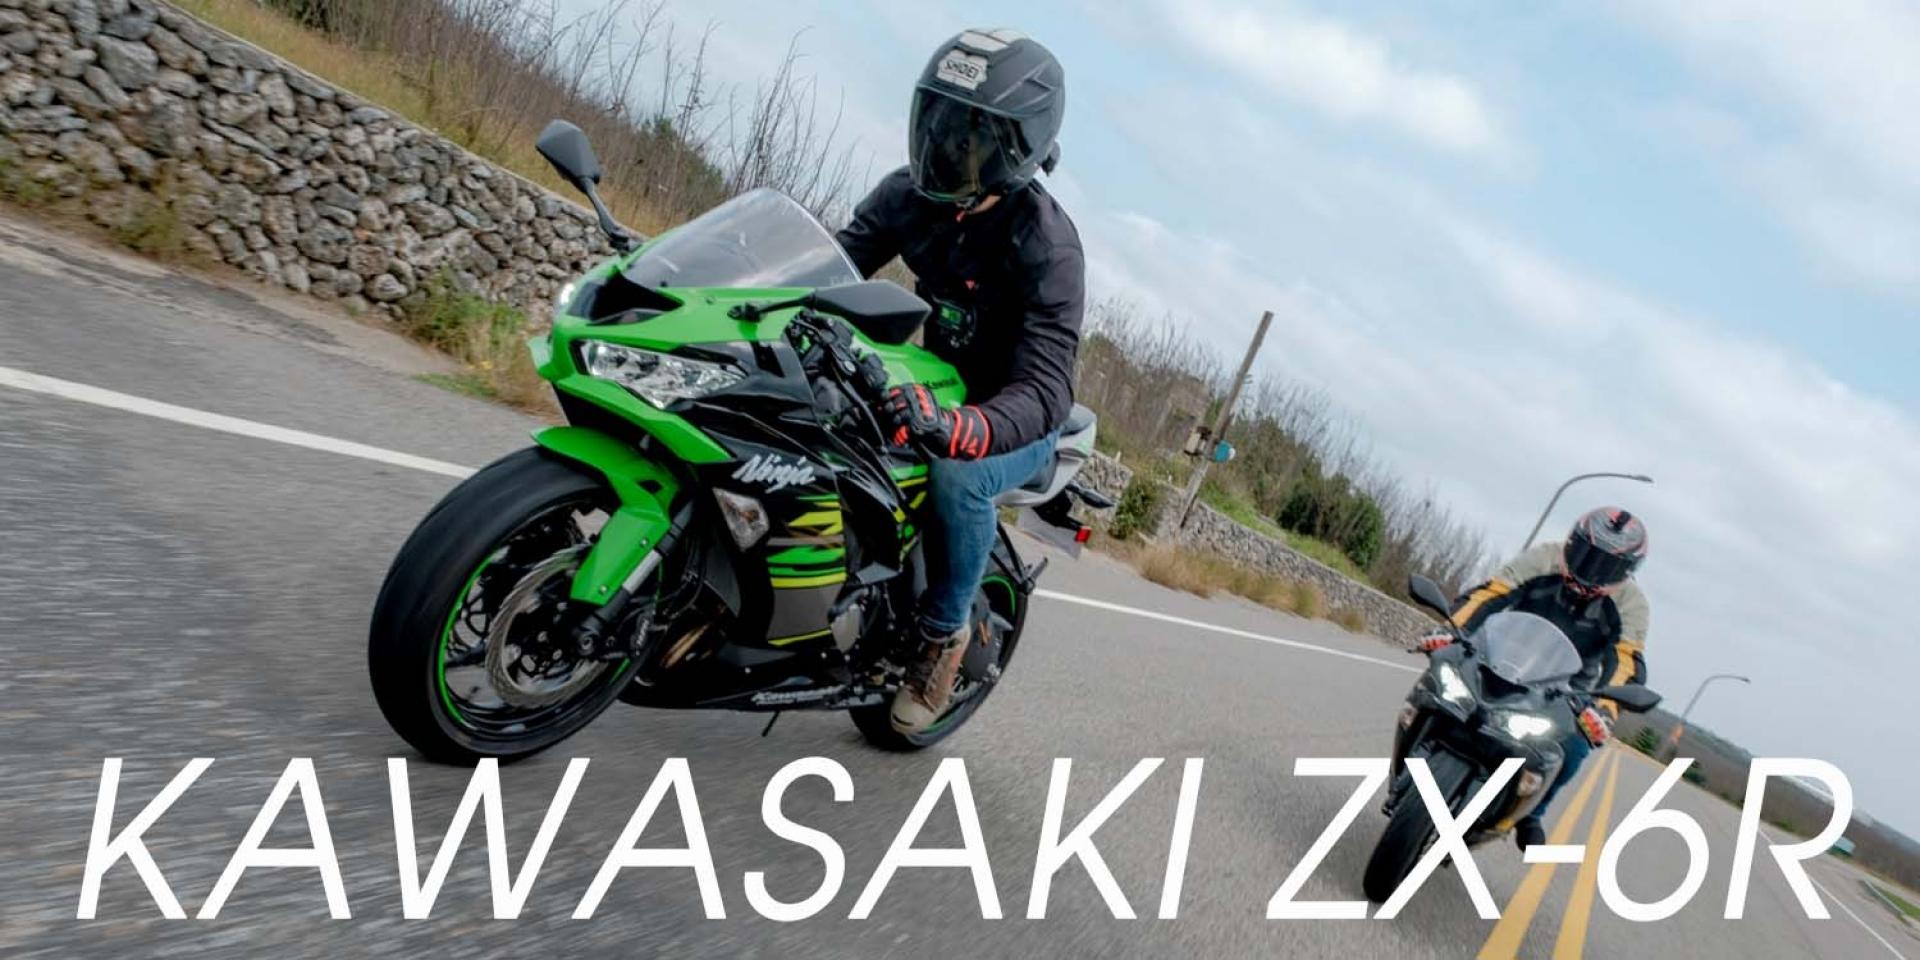 中量仿賽新標竿,Kawasaki ZX-6R媒體試乘會